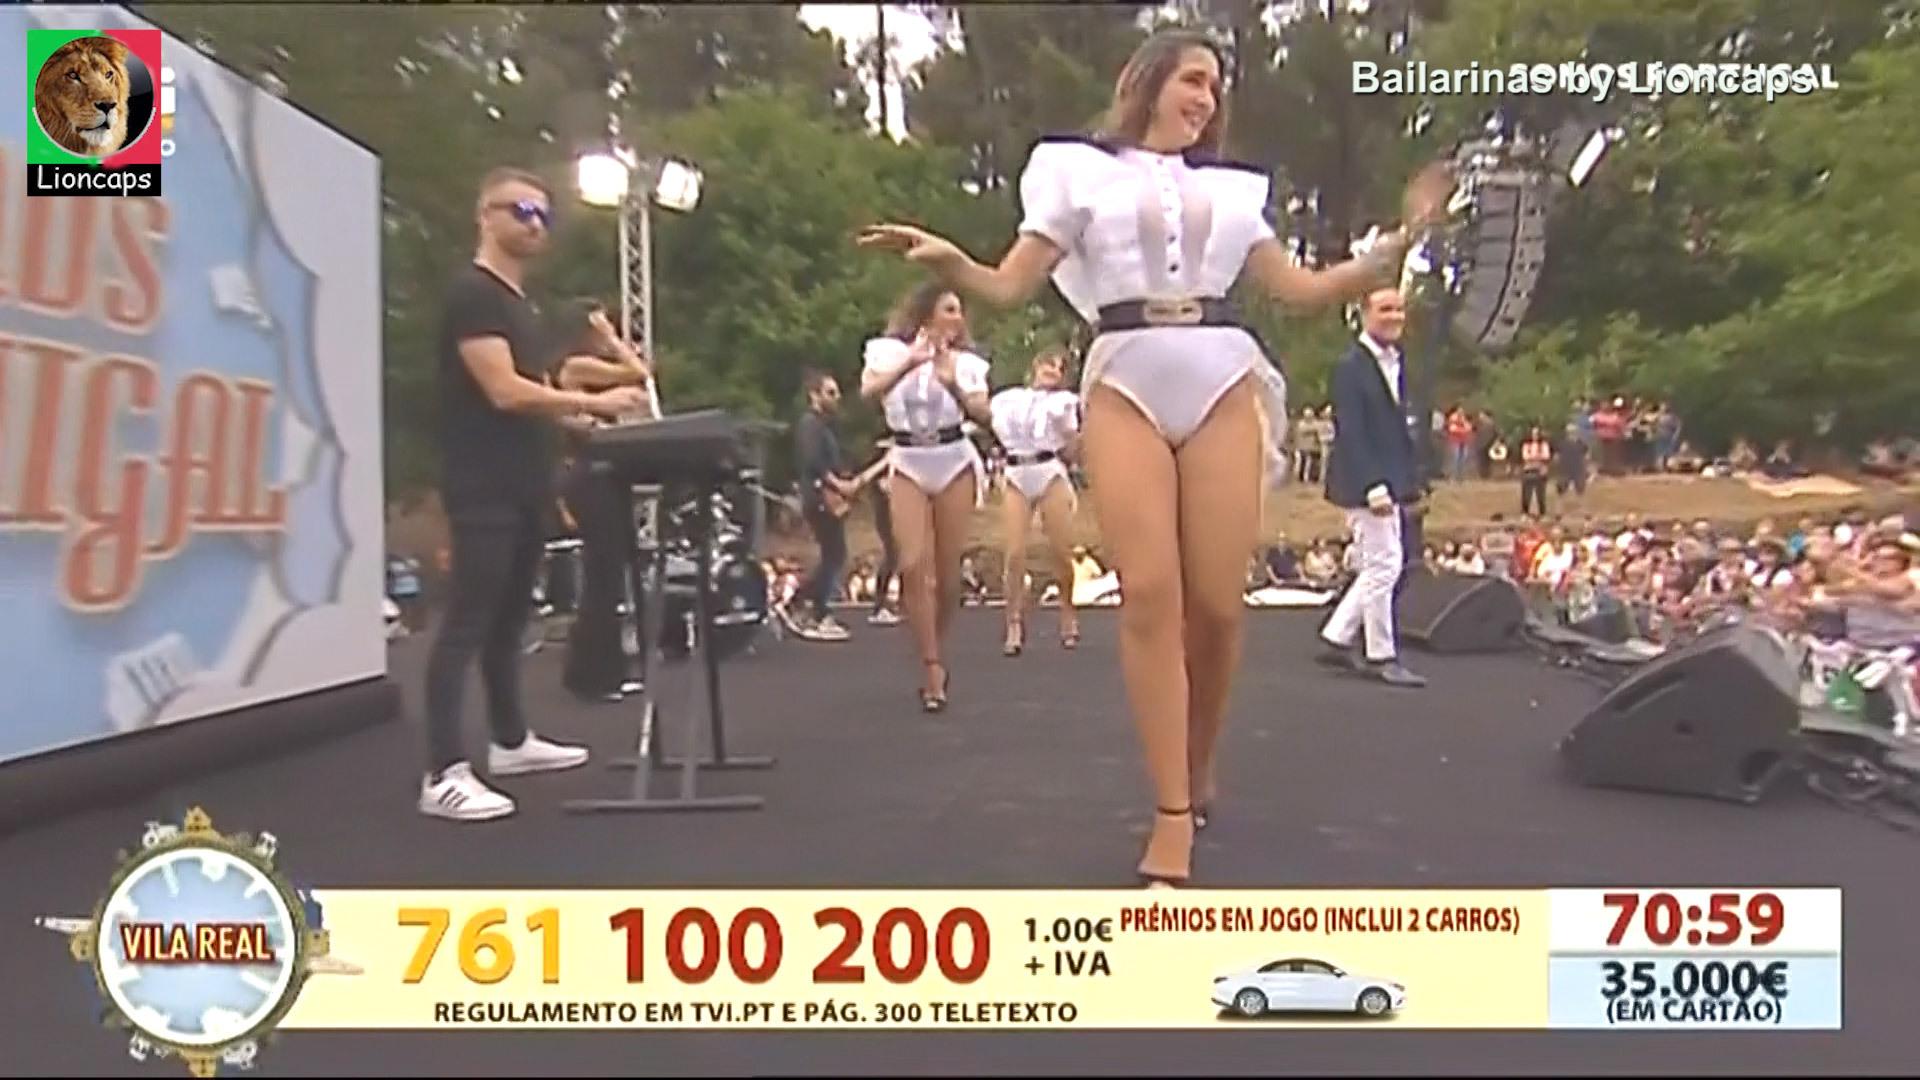 bailarinas (81).jpg